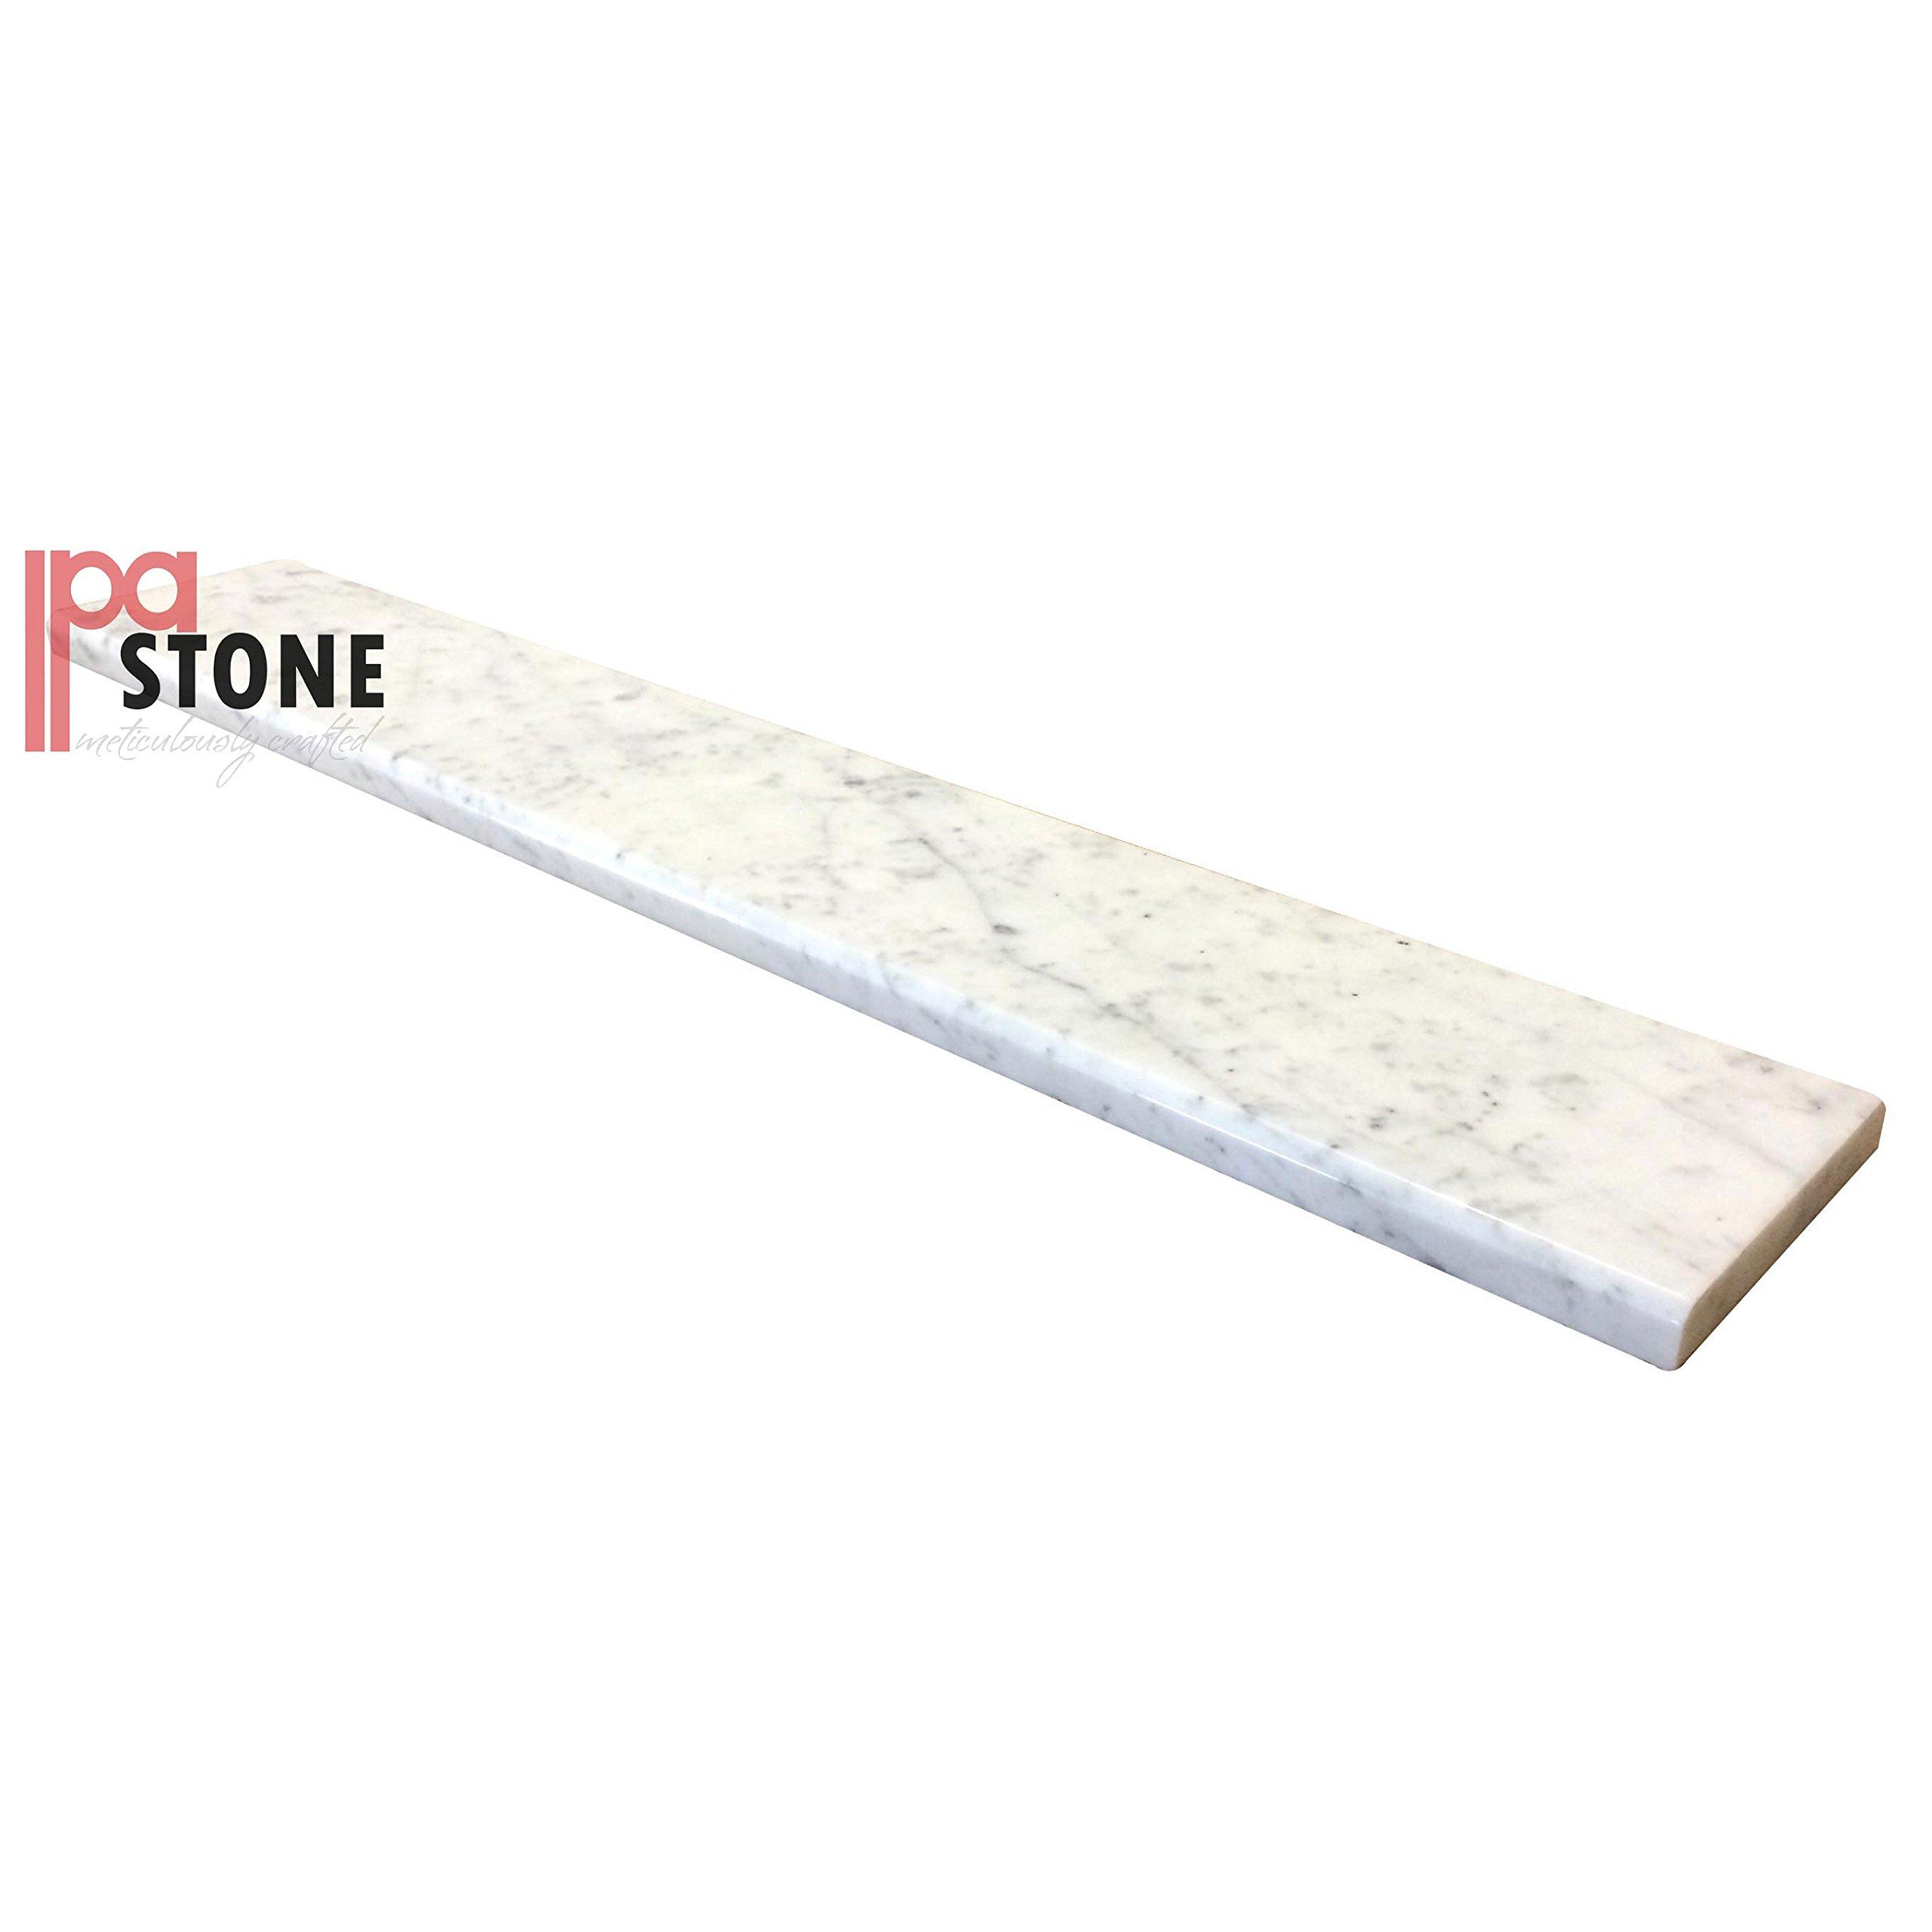 White Carrara Marble Threshold - Size 30 x 5 Inch - Bianco Marble Saddle